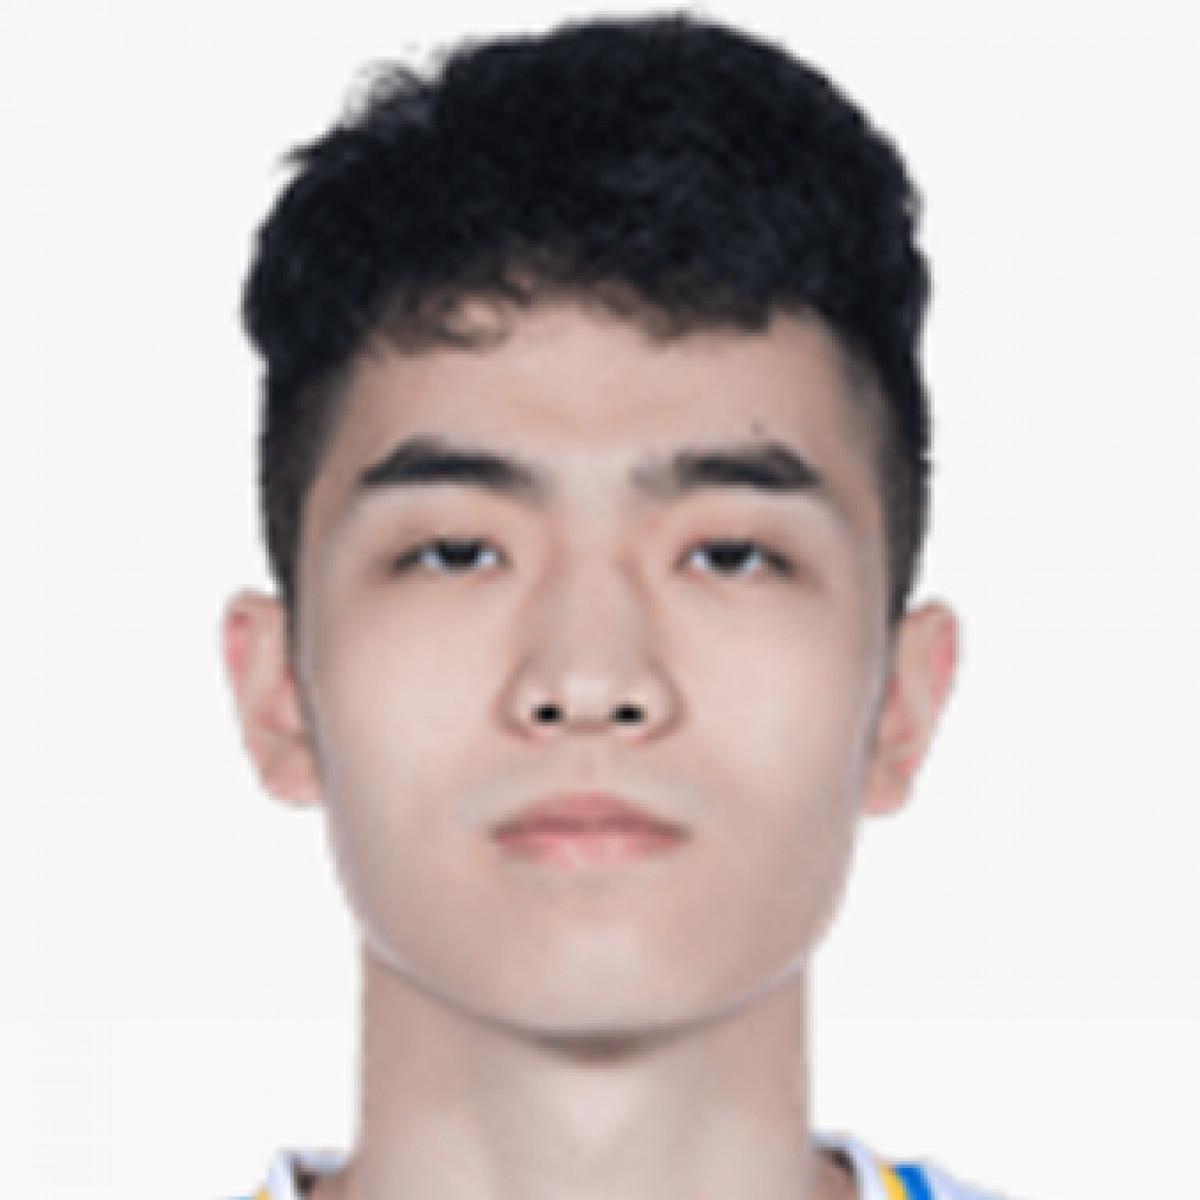 Ranran Zhang